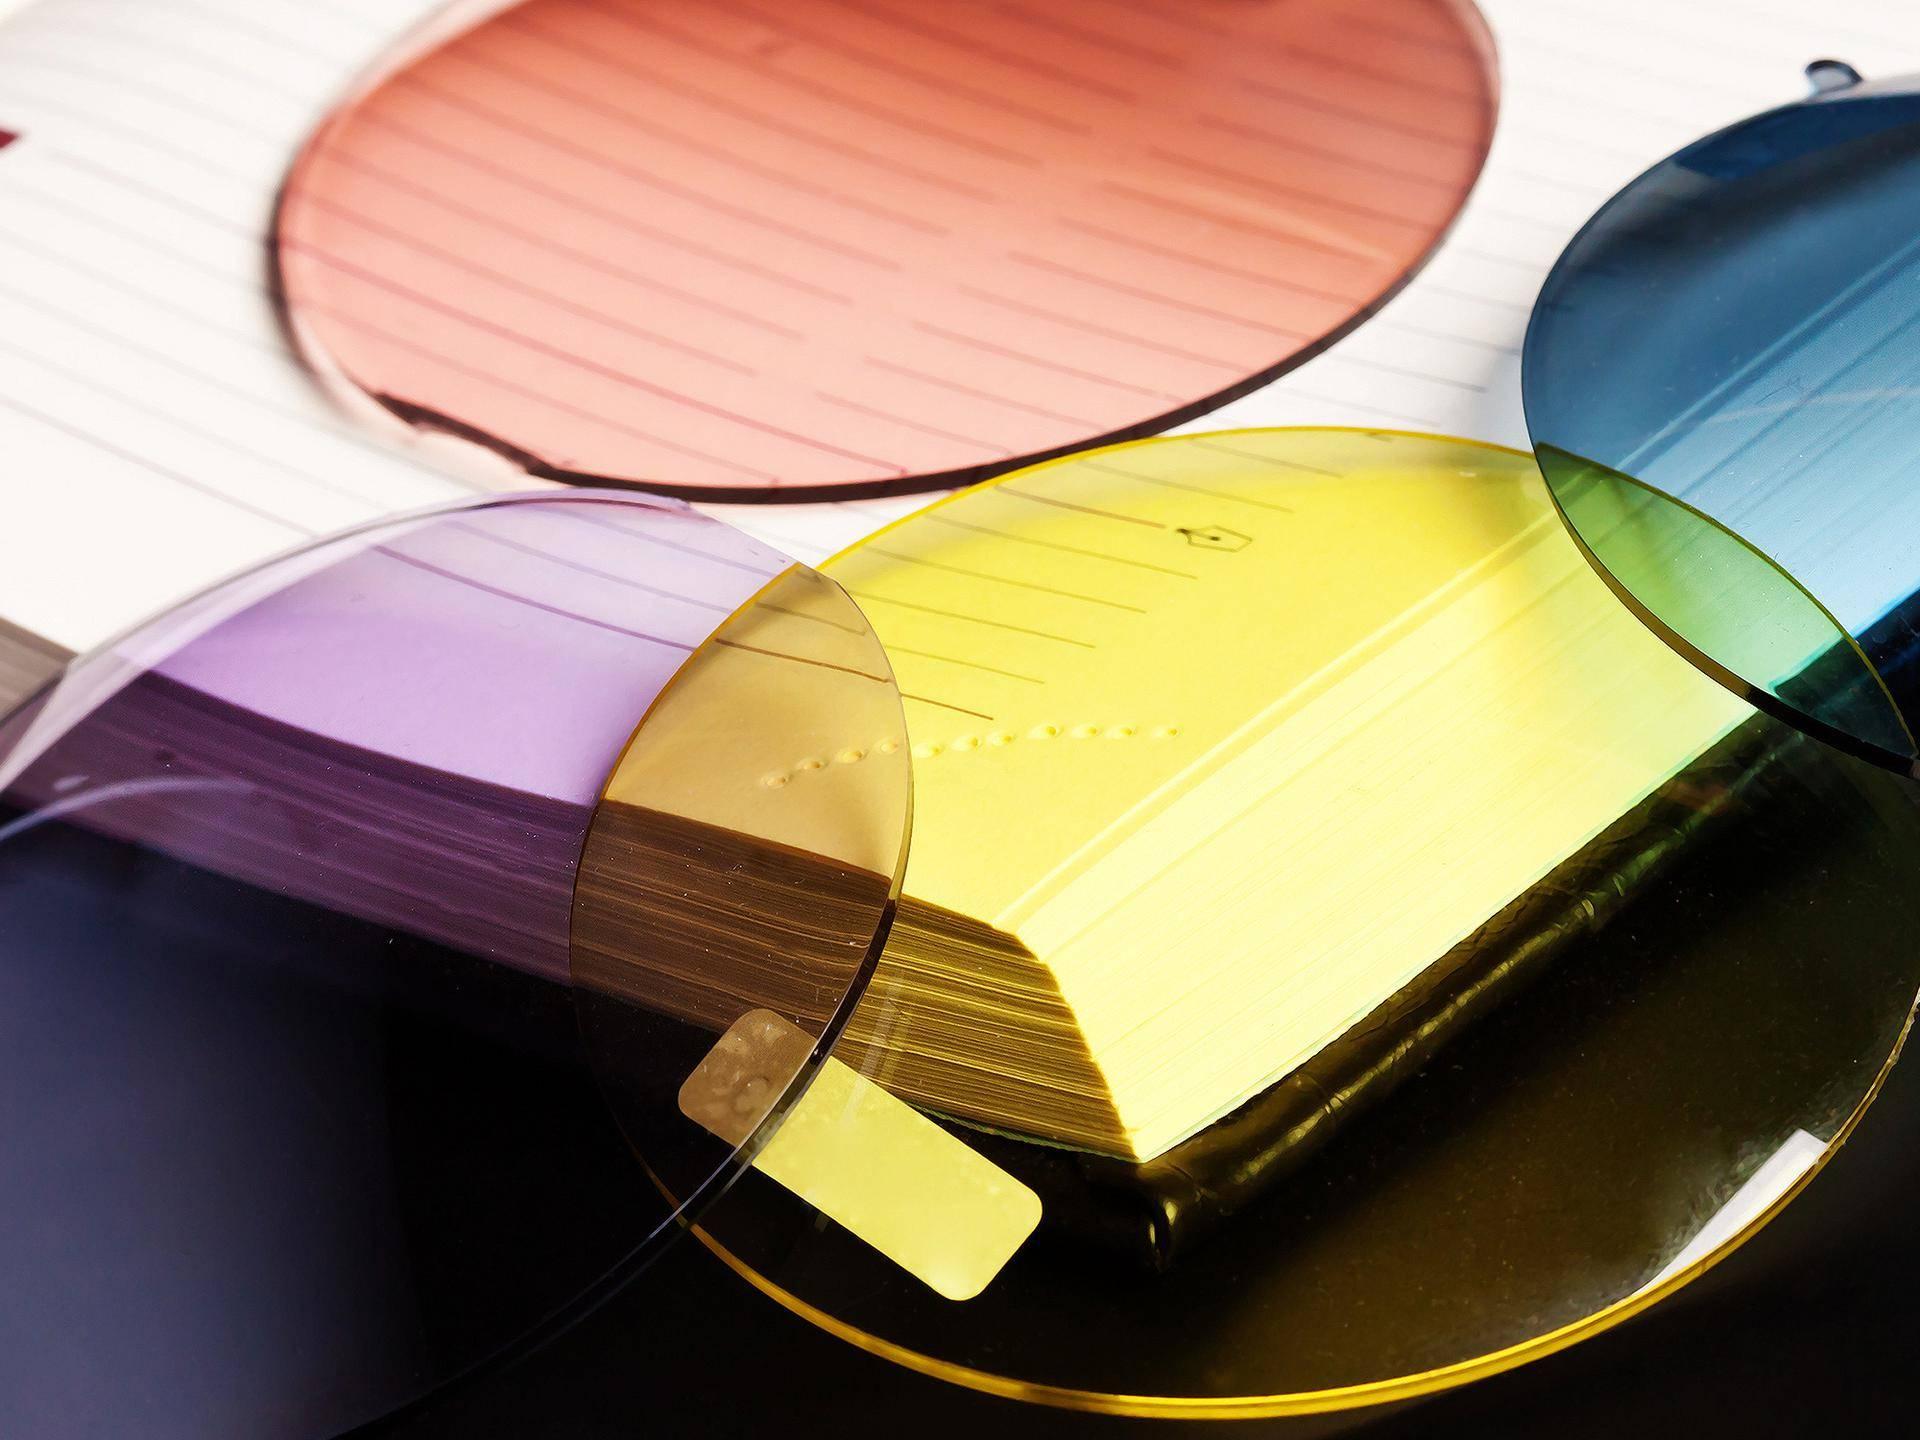 cbf6c4dae Como escolher a cor das lentes dos óculos e outras questões importantes -  Juicy Santos